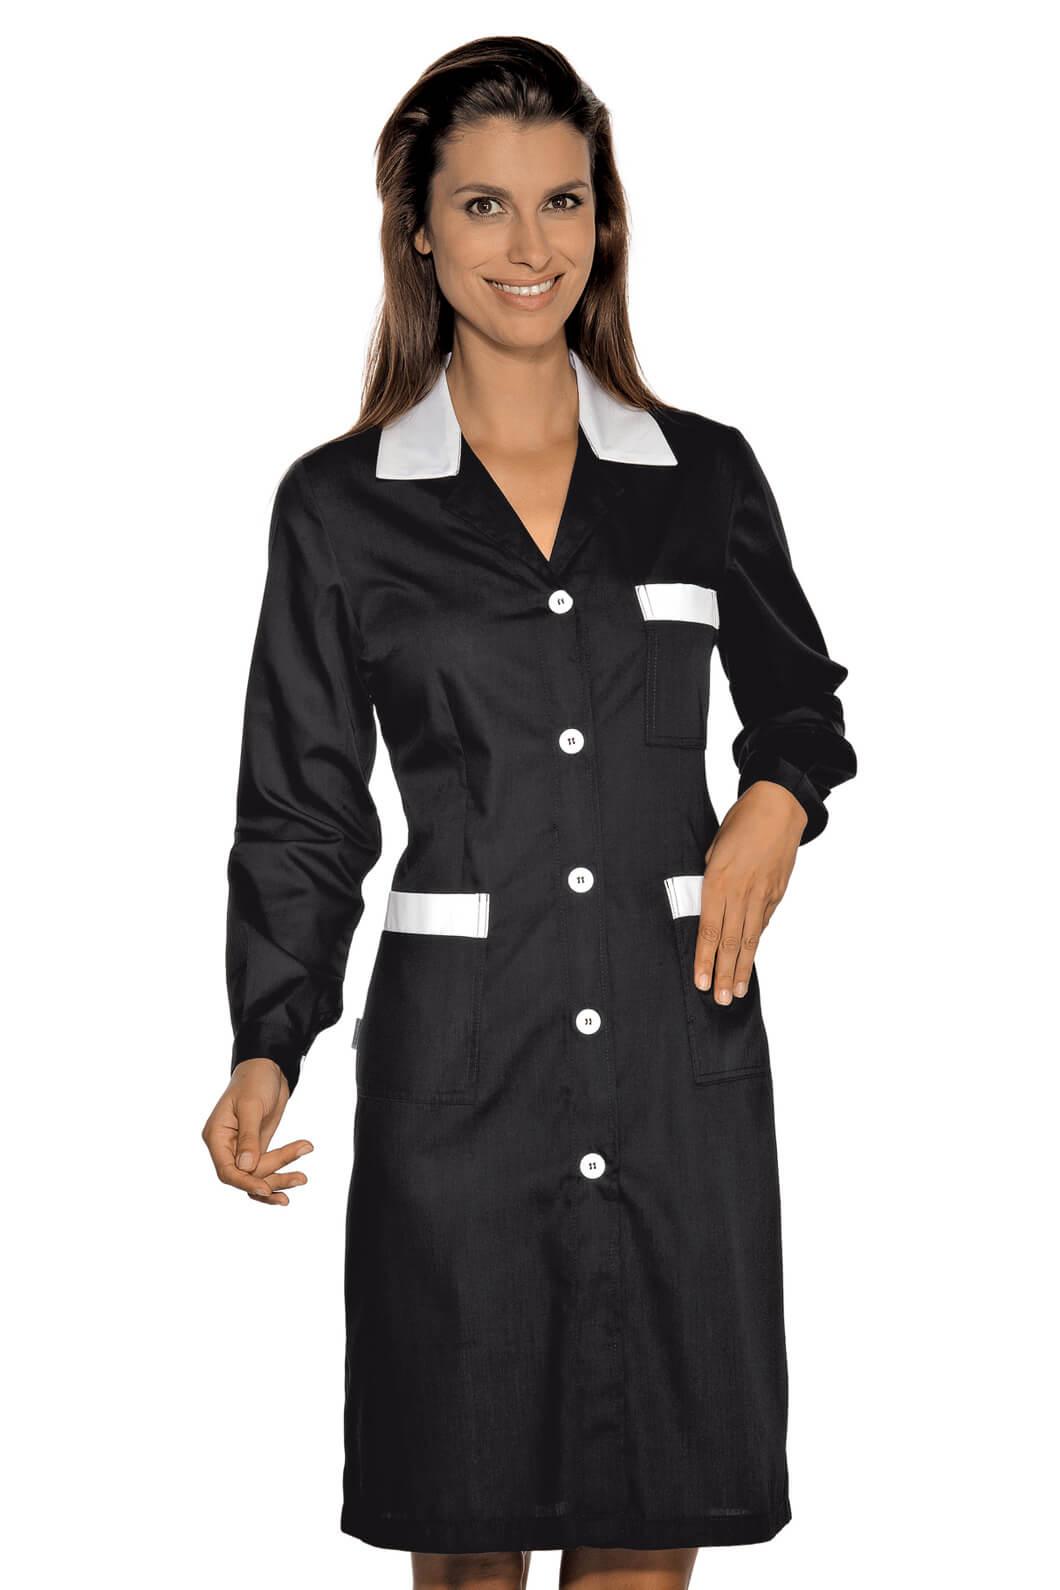 blouse de travail manches longues positano noir blanc. Black Bedroom Furniture Sets. Home Design Ideas